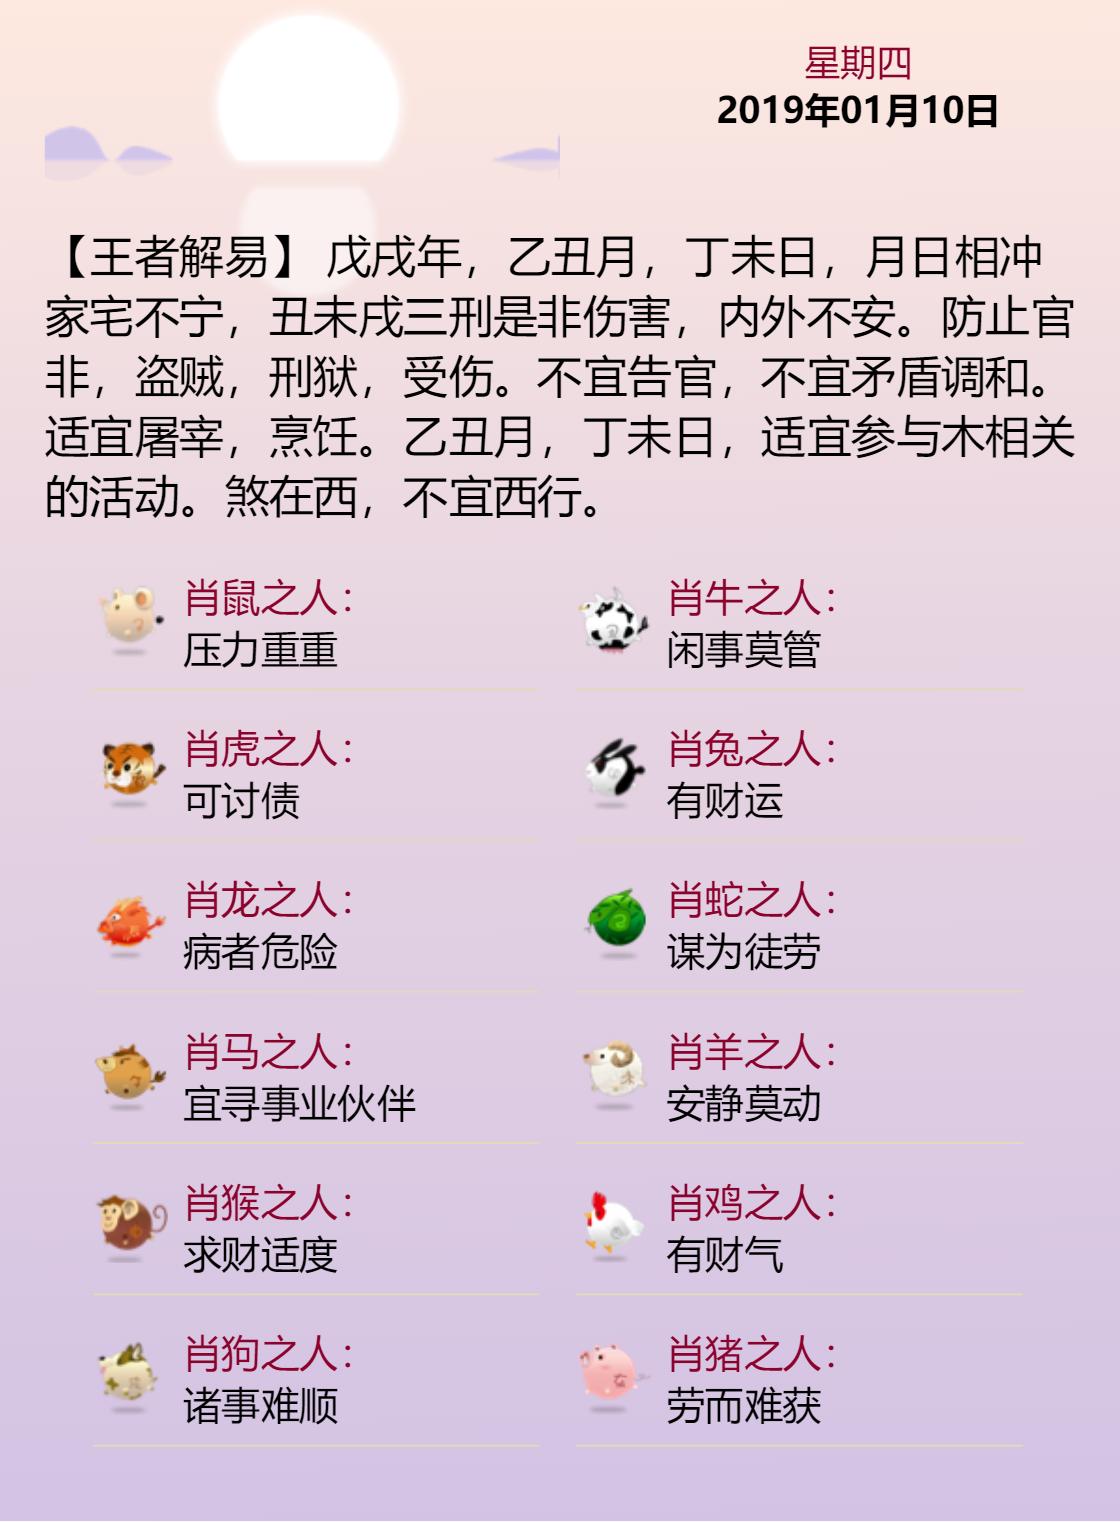 黄历海报20190110.png